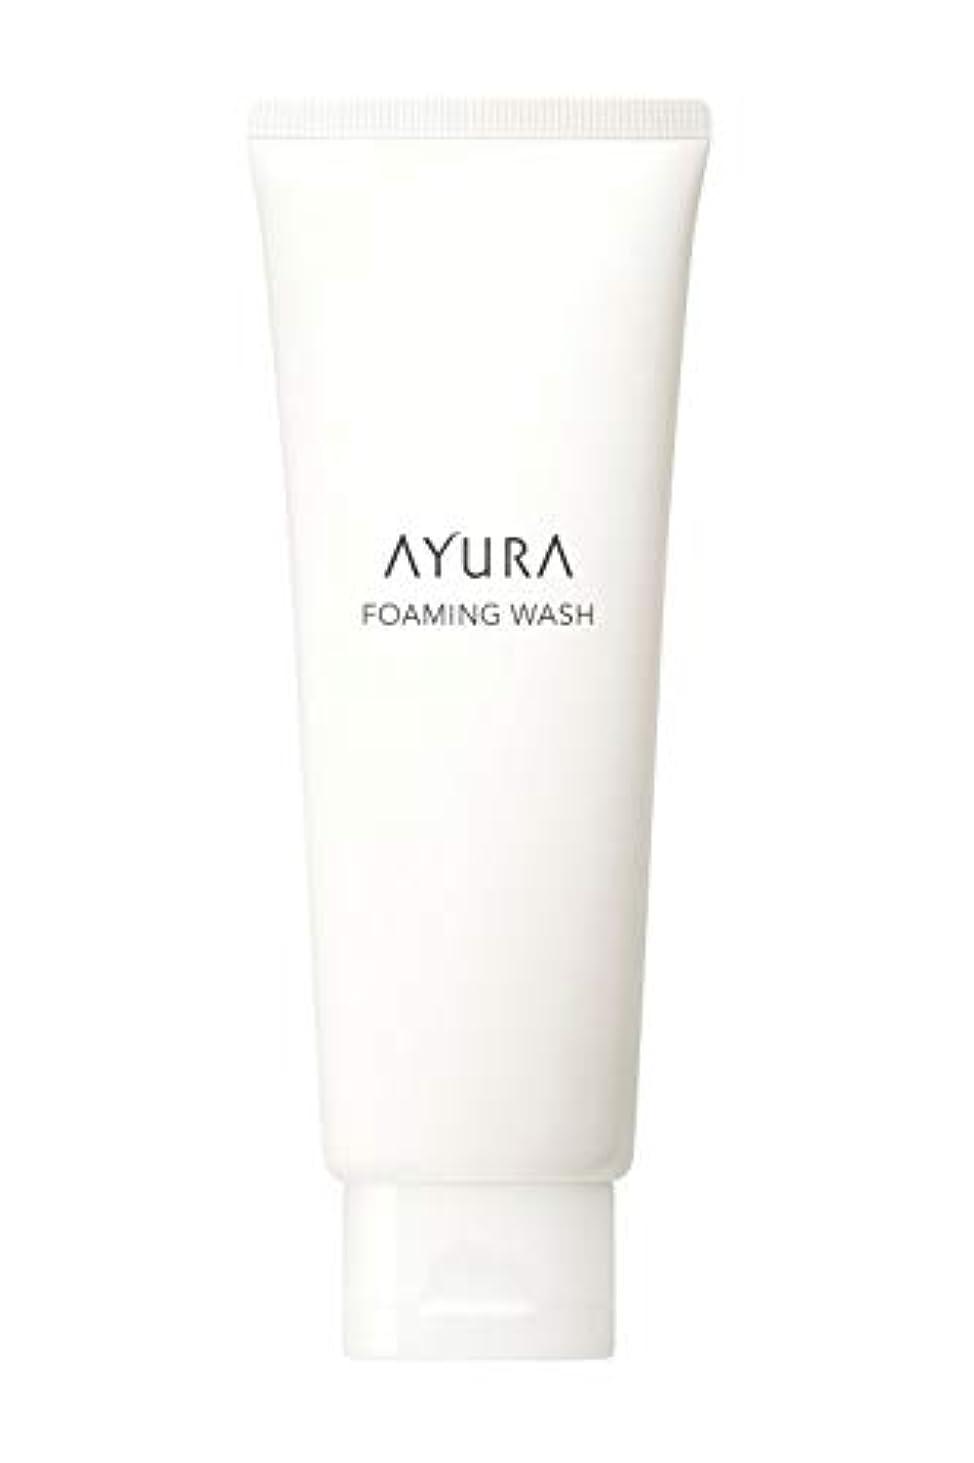 特徴セメントやさしくアユーラ (AYURA) フォーミングウォッシュ 120g 〈 洗顔料 〉 肌をいたわりながら汚れを落とす つるんとやわらかな素肌へ 洗うたびにうるおいを与えるもっちり濃密泡の洗顔料